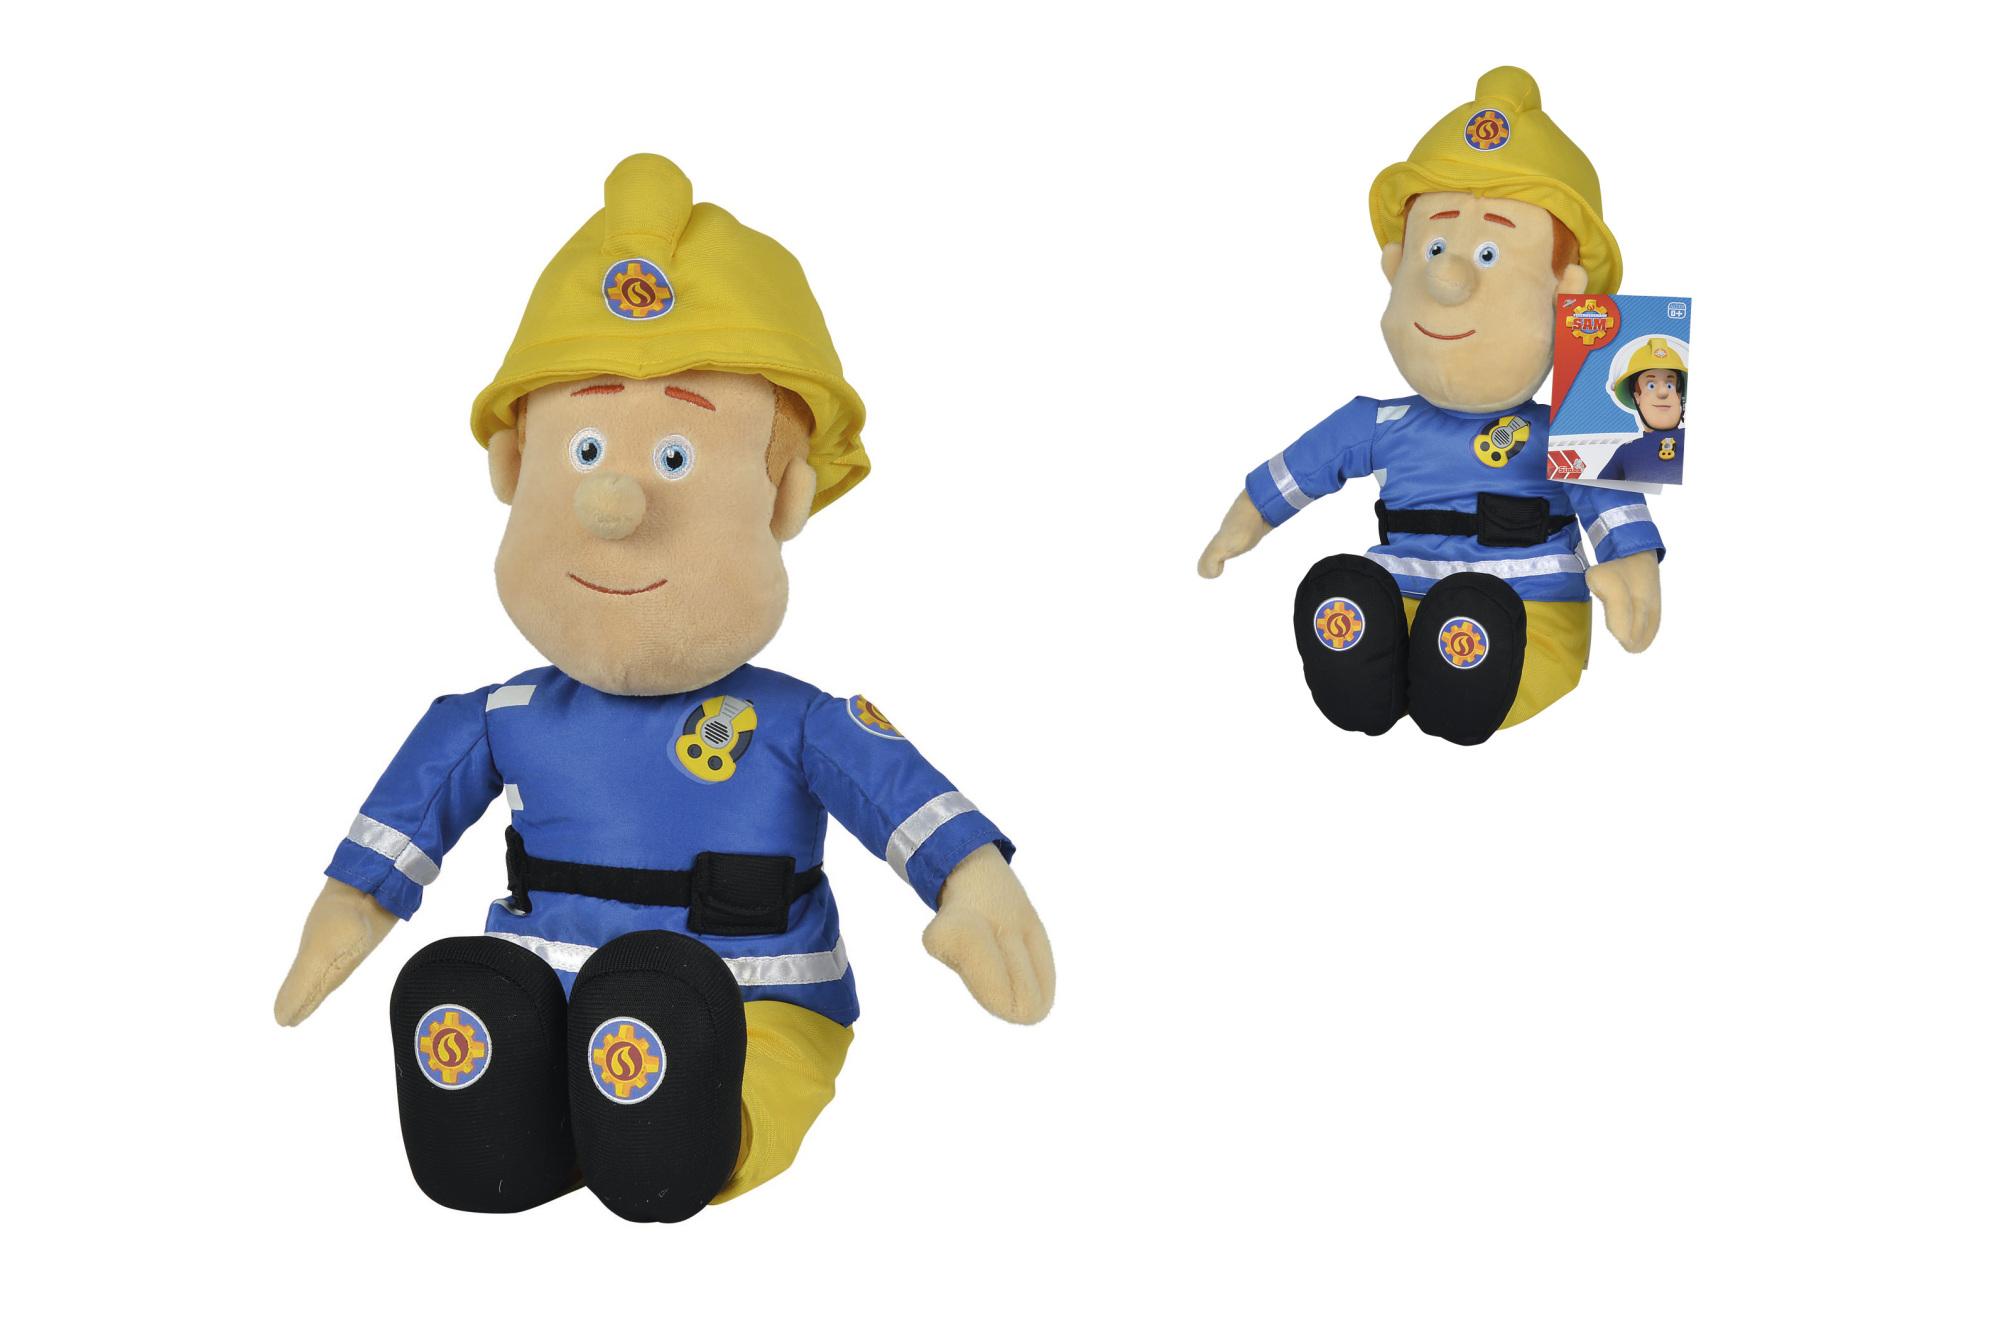 Fireman Sam Plüschfigur 45cm